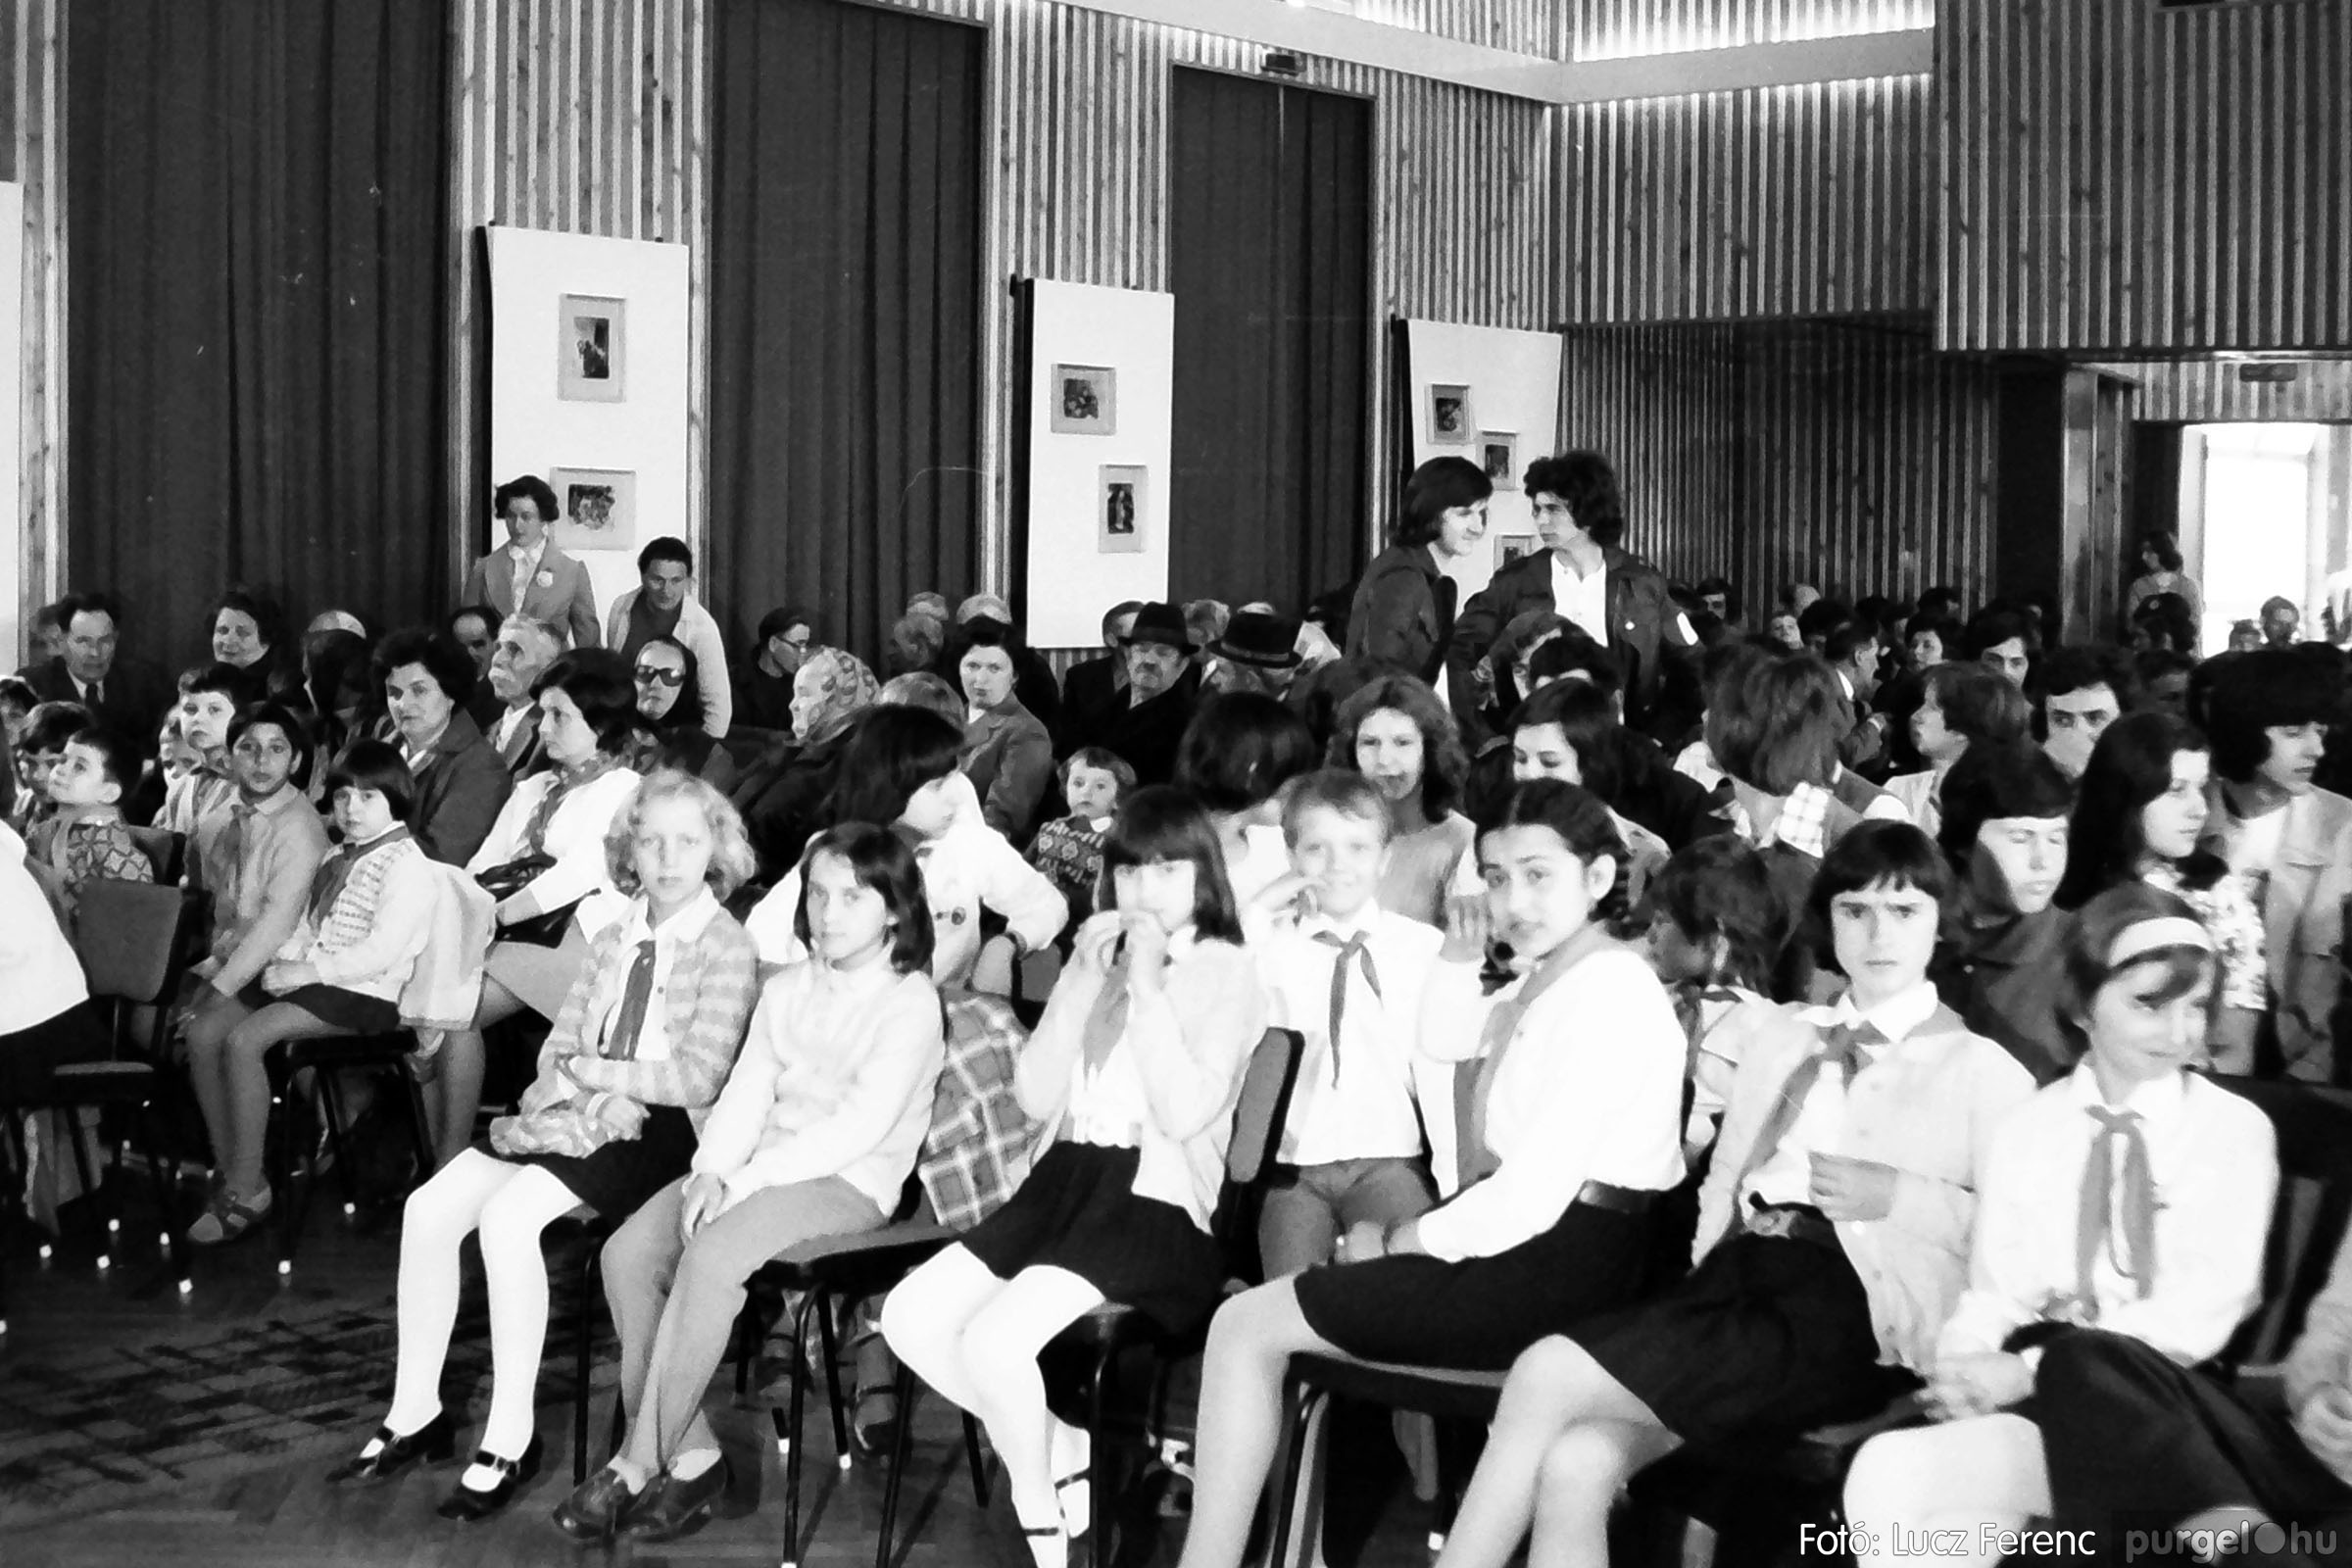 039. 1976.04.04. Április 4-i ünnepség a kultúrházban 001. - Fotó: Lucz Ferenc.jpg